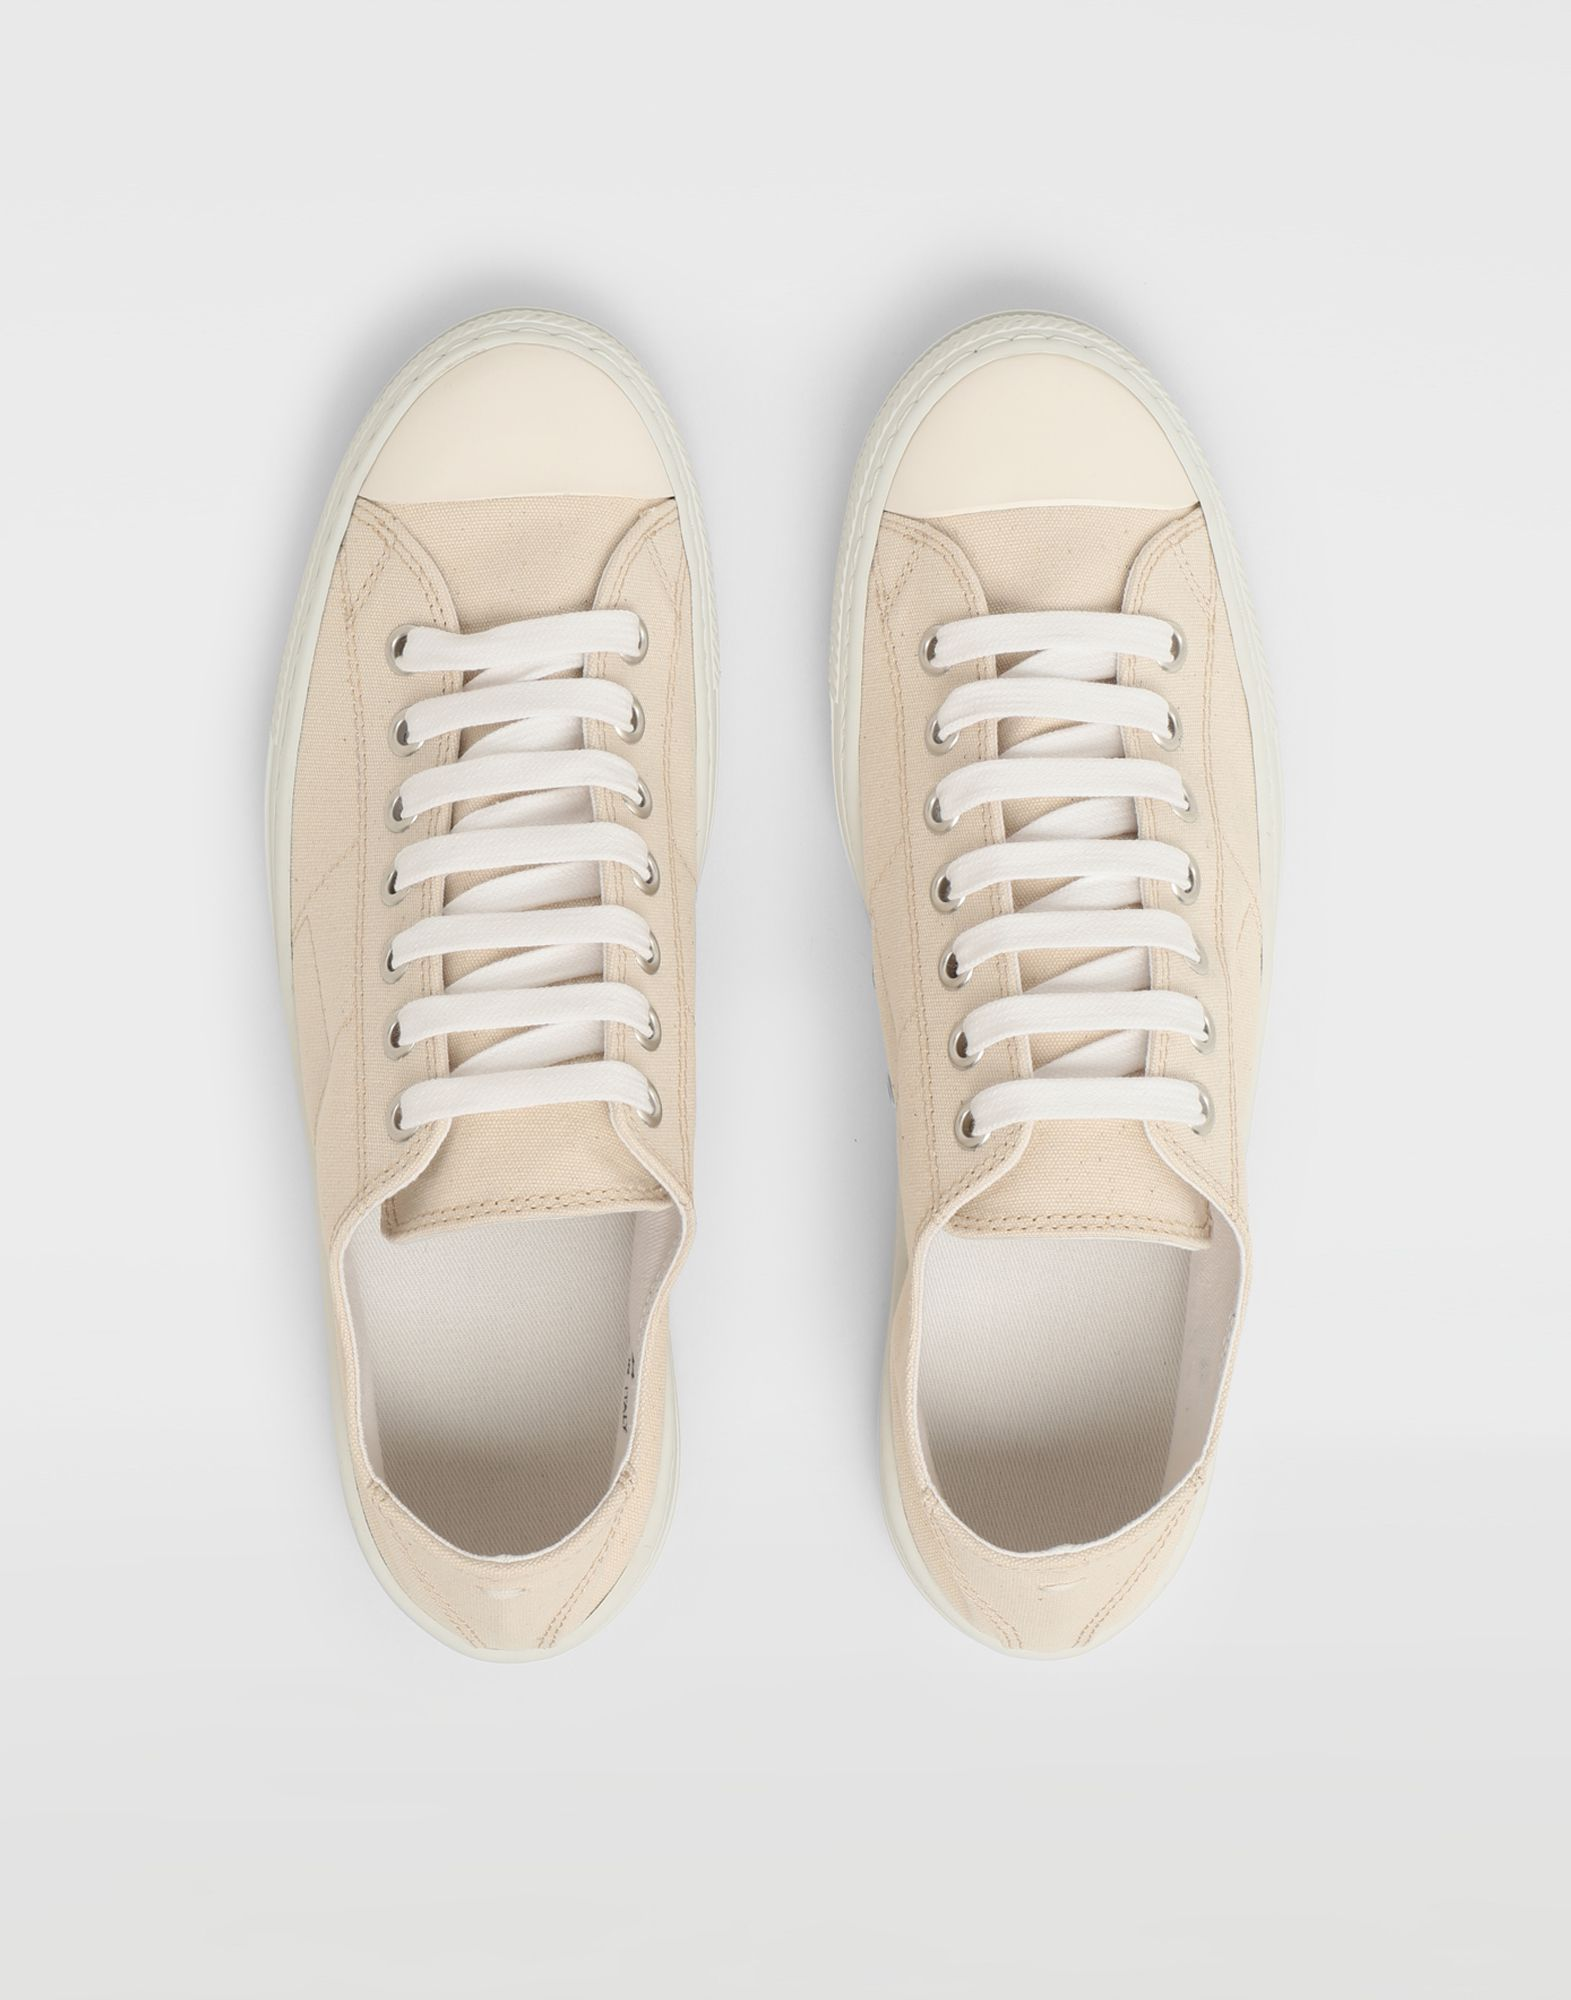 MAISON MARGIELA Low-Top-Sneakers Stereotype Sneakers Herren d